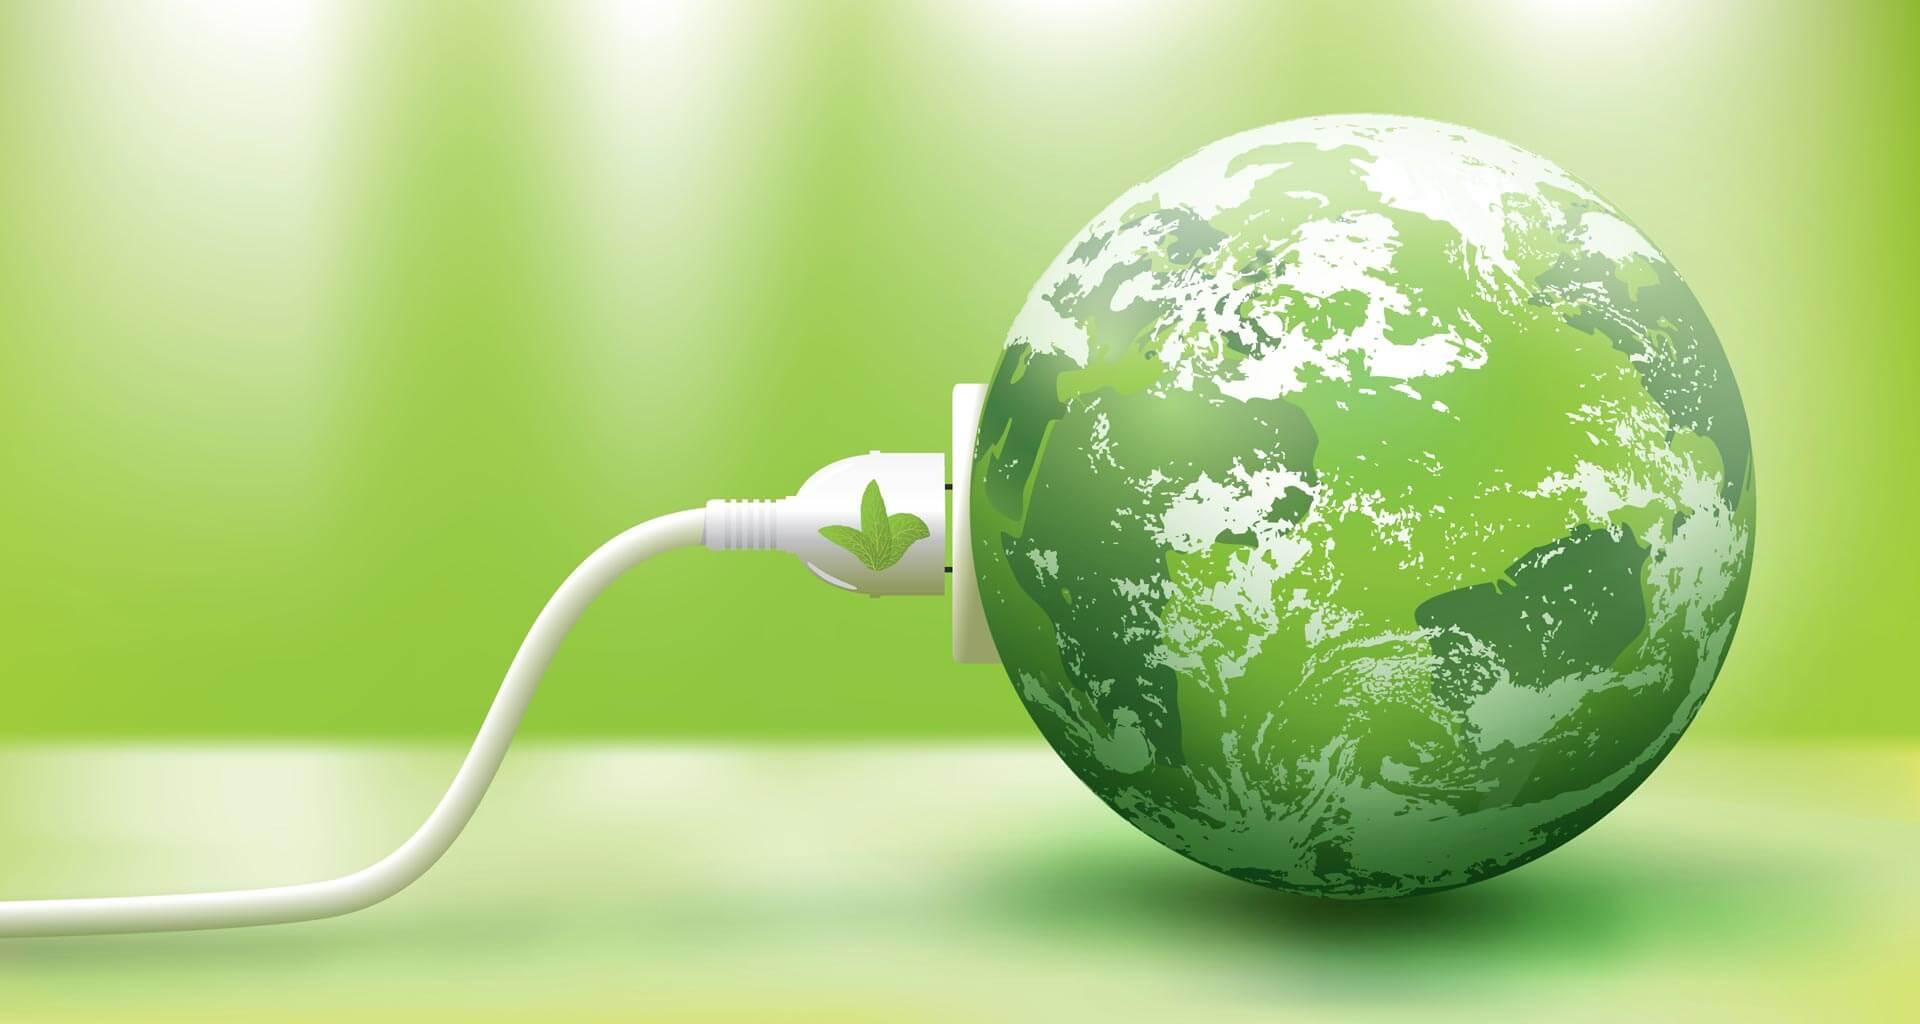 Tiết kiệm chi phí điện năng giúp cắt giảm chi phí kinh doanh nhà hàng hiệu quả